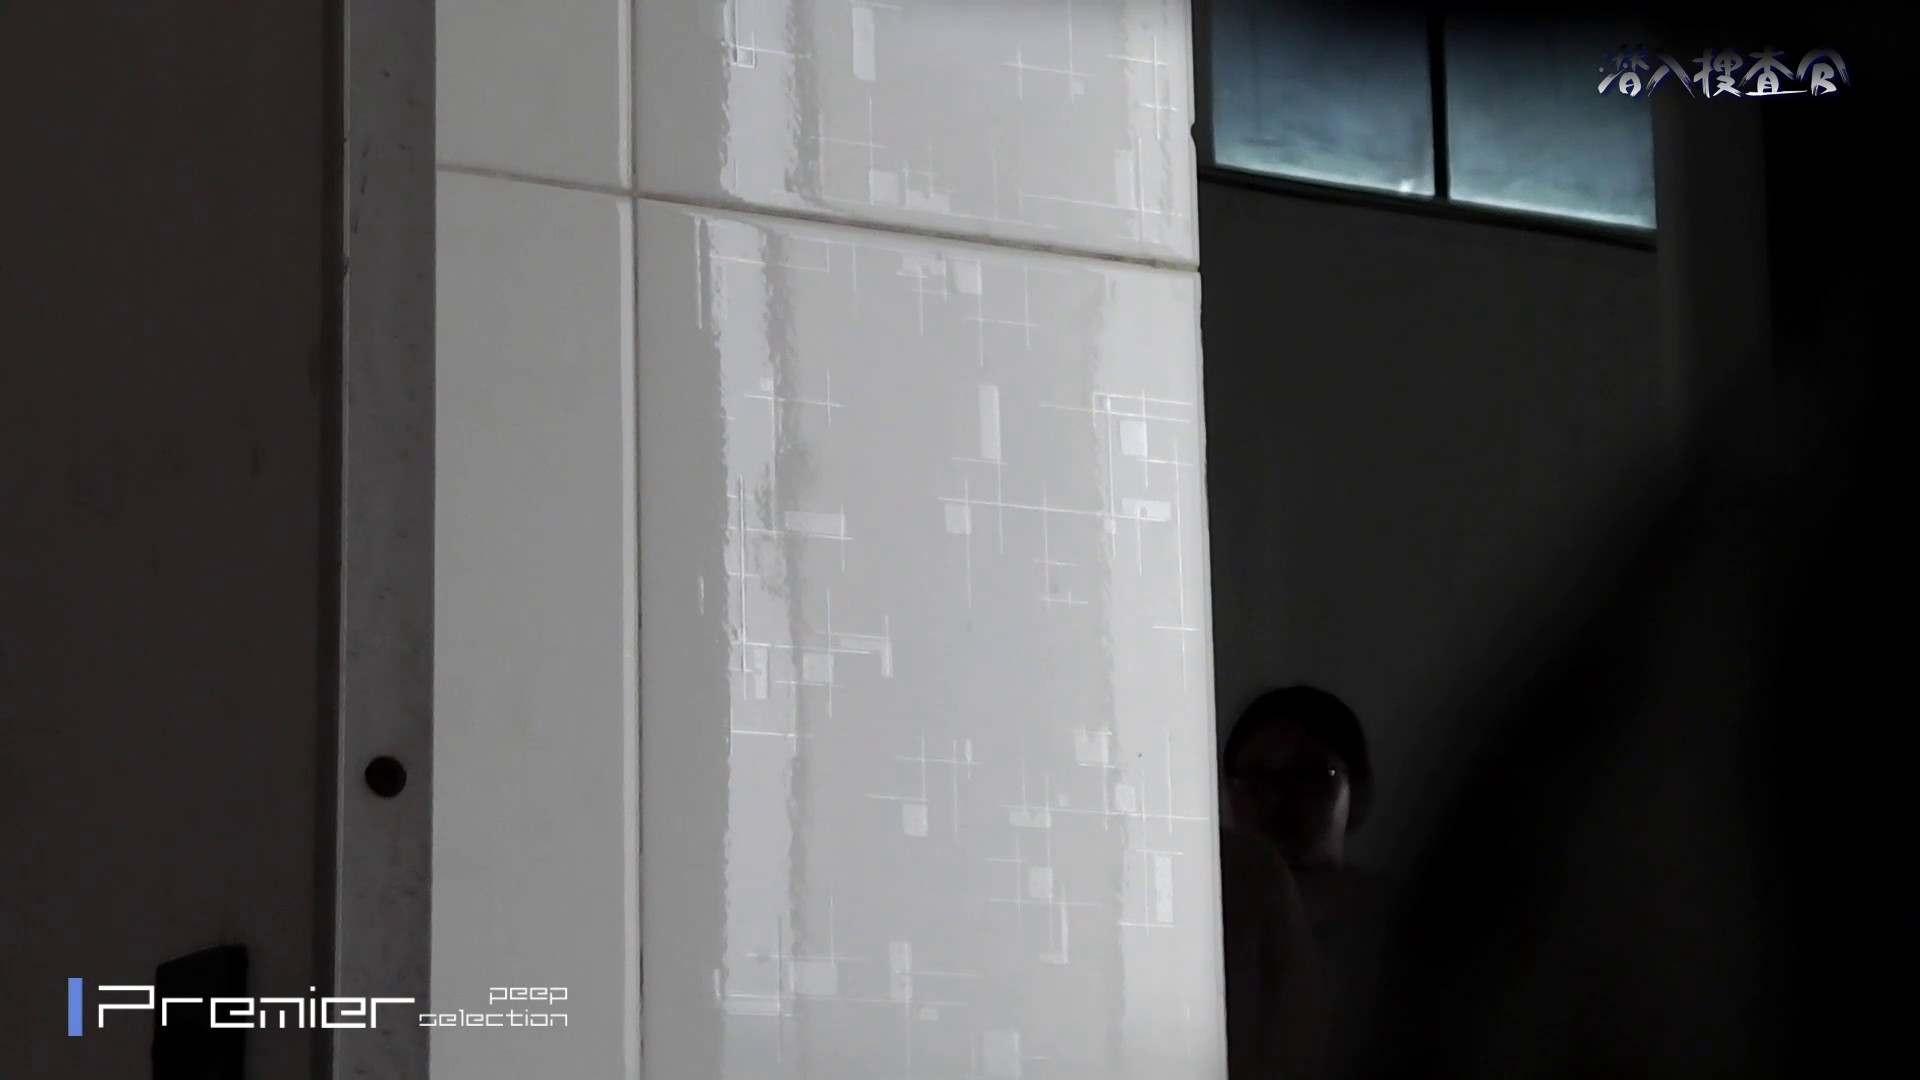 下からノゾム vol.039 やりすぎ、うぶげまで見えてます。 盗撮で悶絶 濡れ場動画紹介 111画像 23